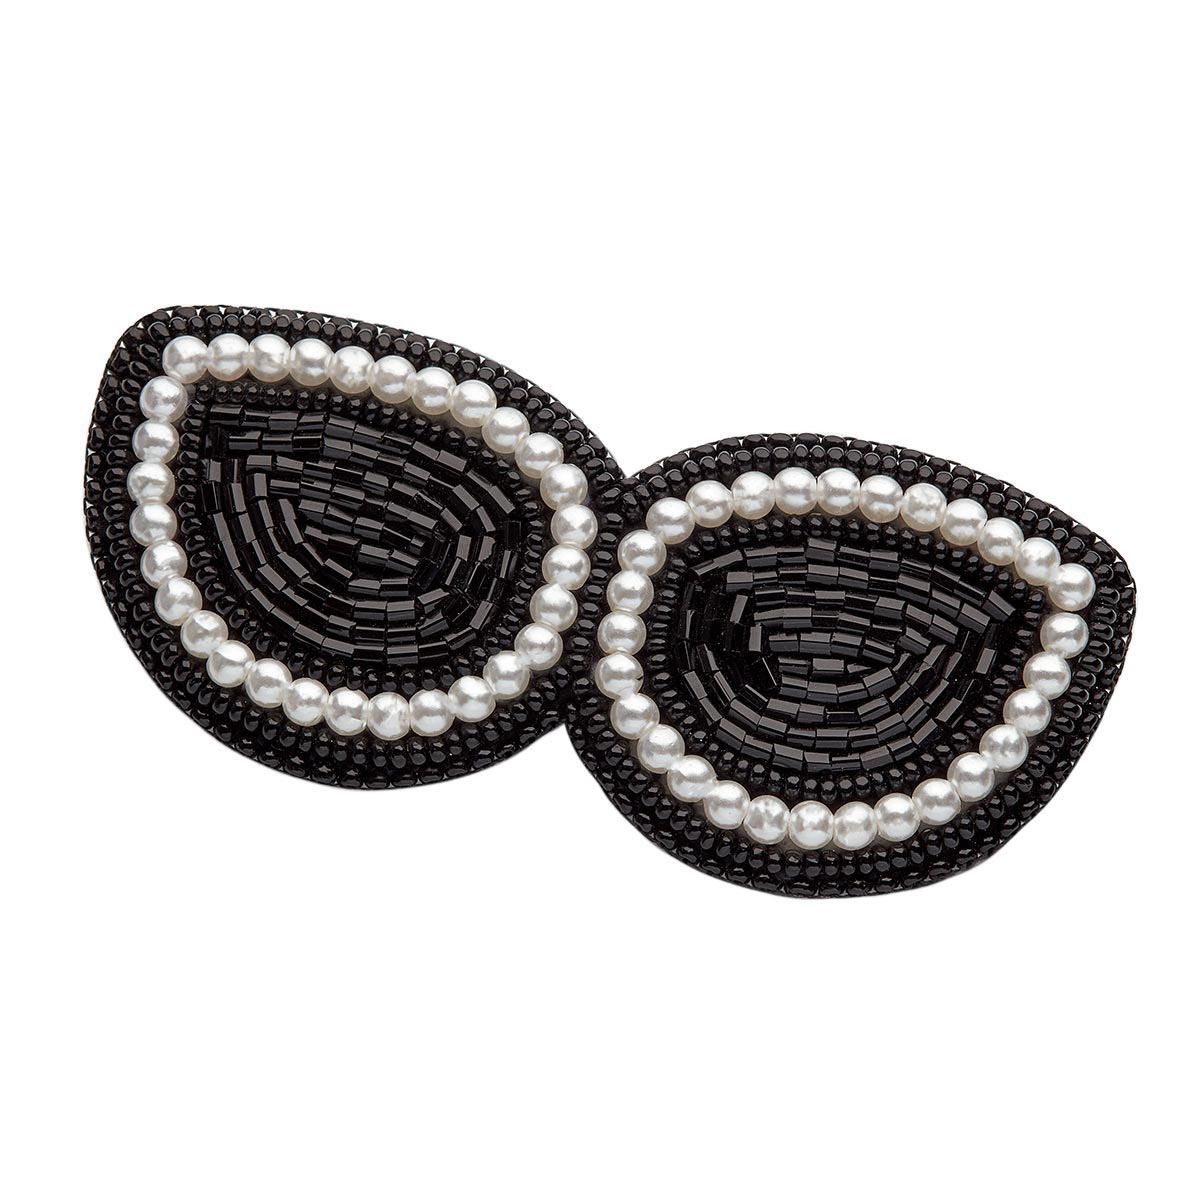 НБР-18011/1 Набор для вышивания бисером: Брошь «Очки чёрные с жемчугом».